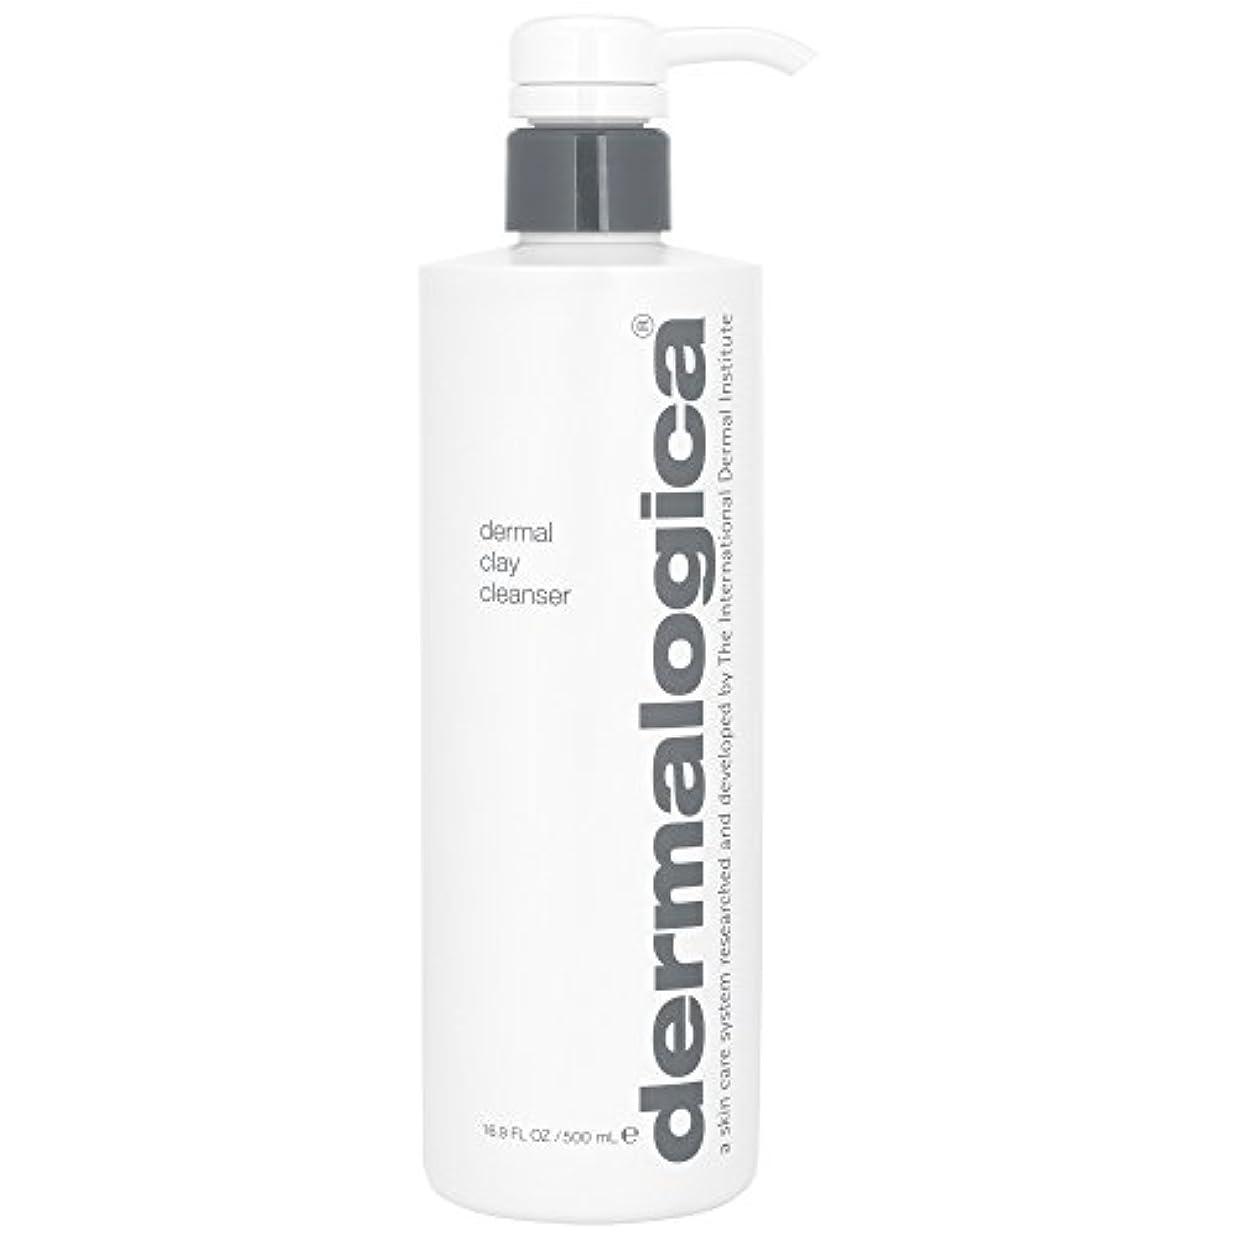 地元おめでとう準備するダーマロジカ真皮クレイクレンザー500ミリリットル (Dermalogica) (x2) - Dermalogica Dermal Clay Cleanser 500ml (Pack of 2) [並行輸入品]